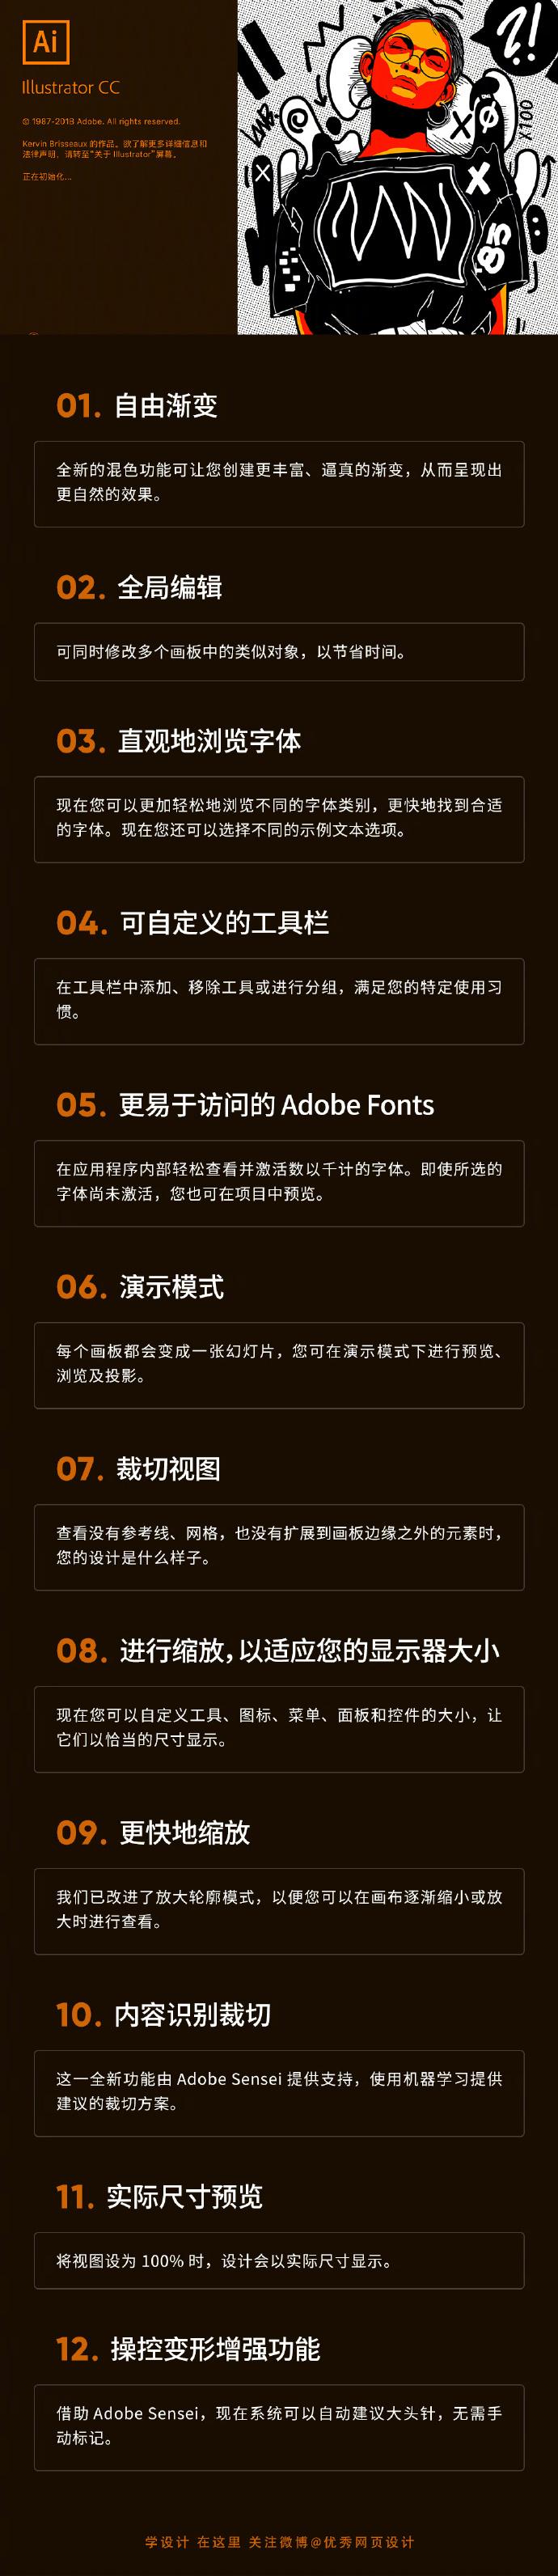 官宣!Adobe CC 2019 全家桶新功能全在这里了!